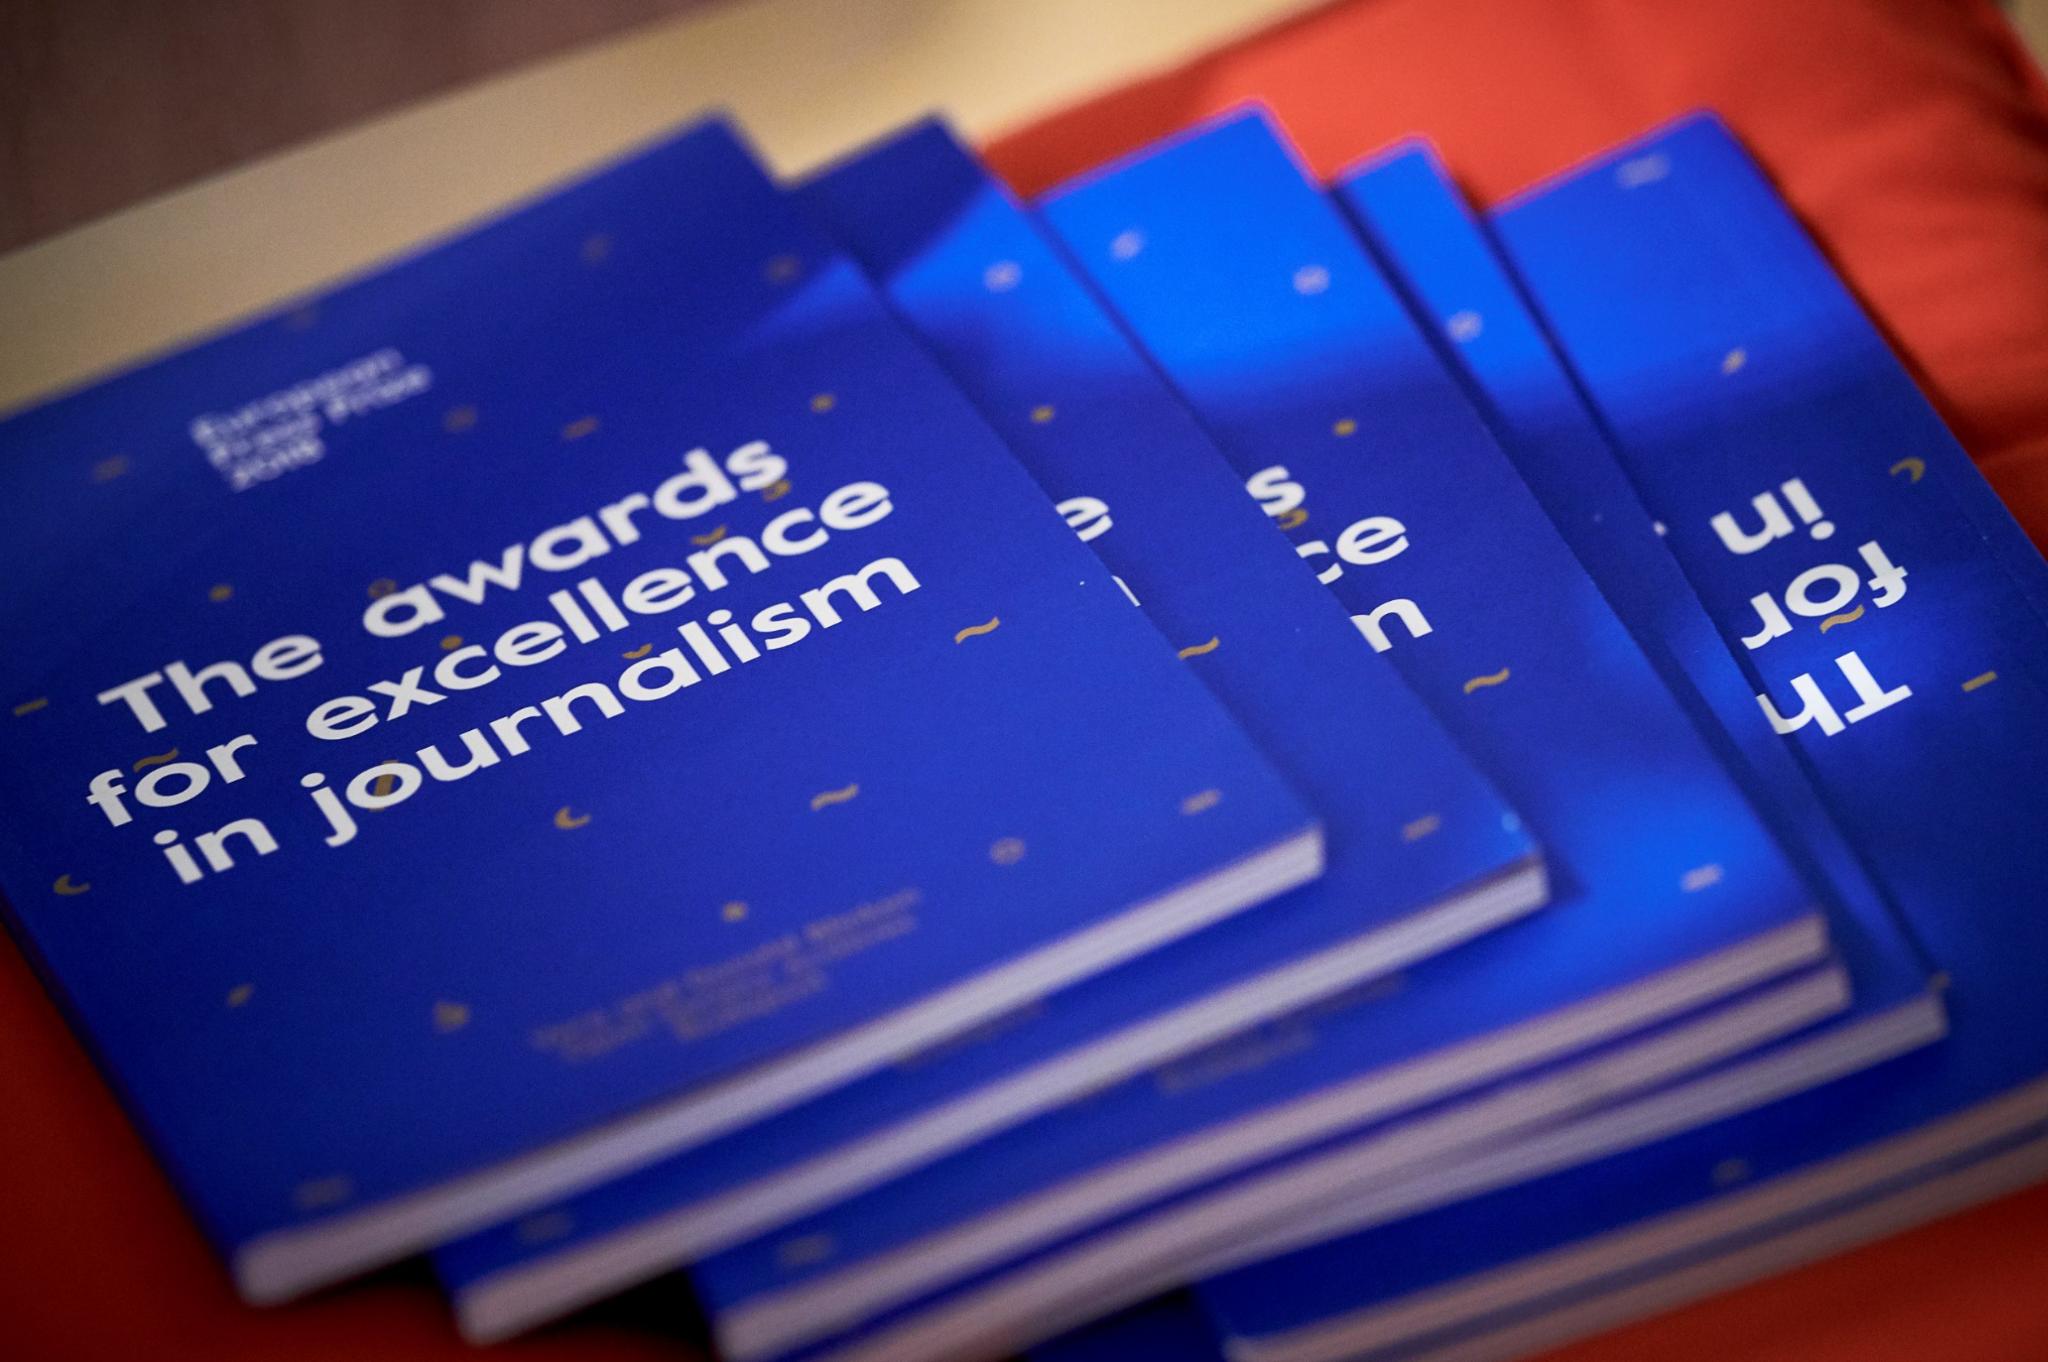 Két magyar újságírót is jelöltek az Európai Sajtódíjra